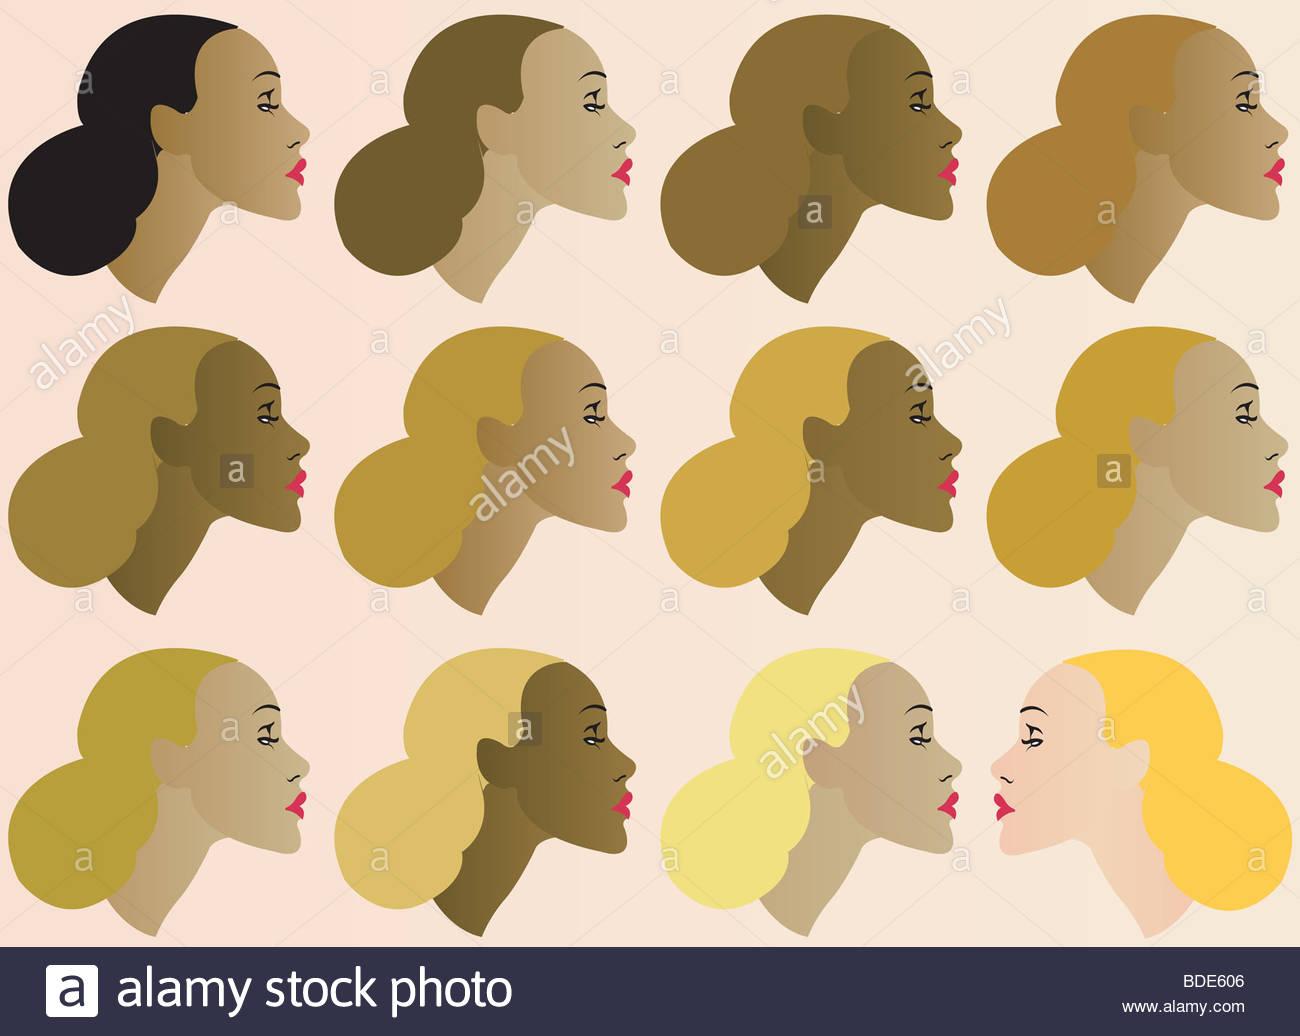 Female Ethnicity - Stock Image